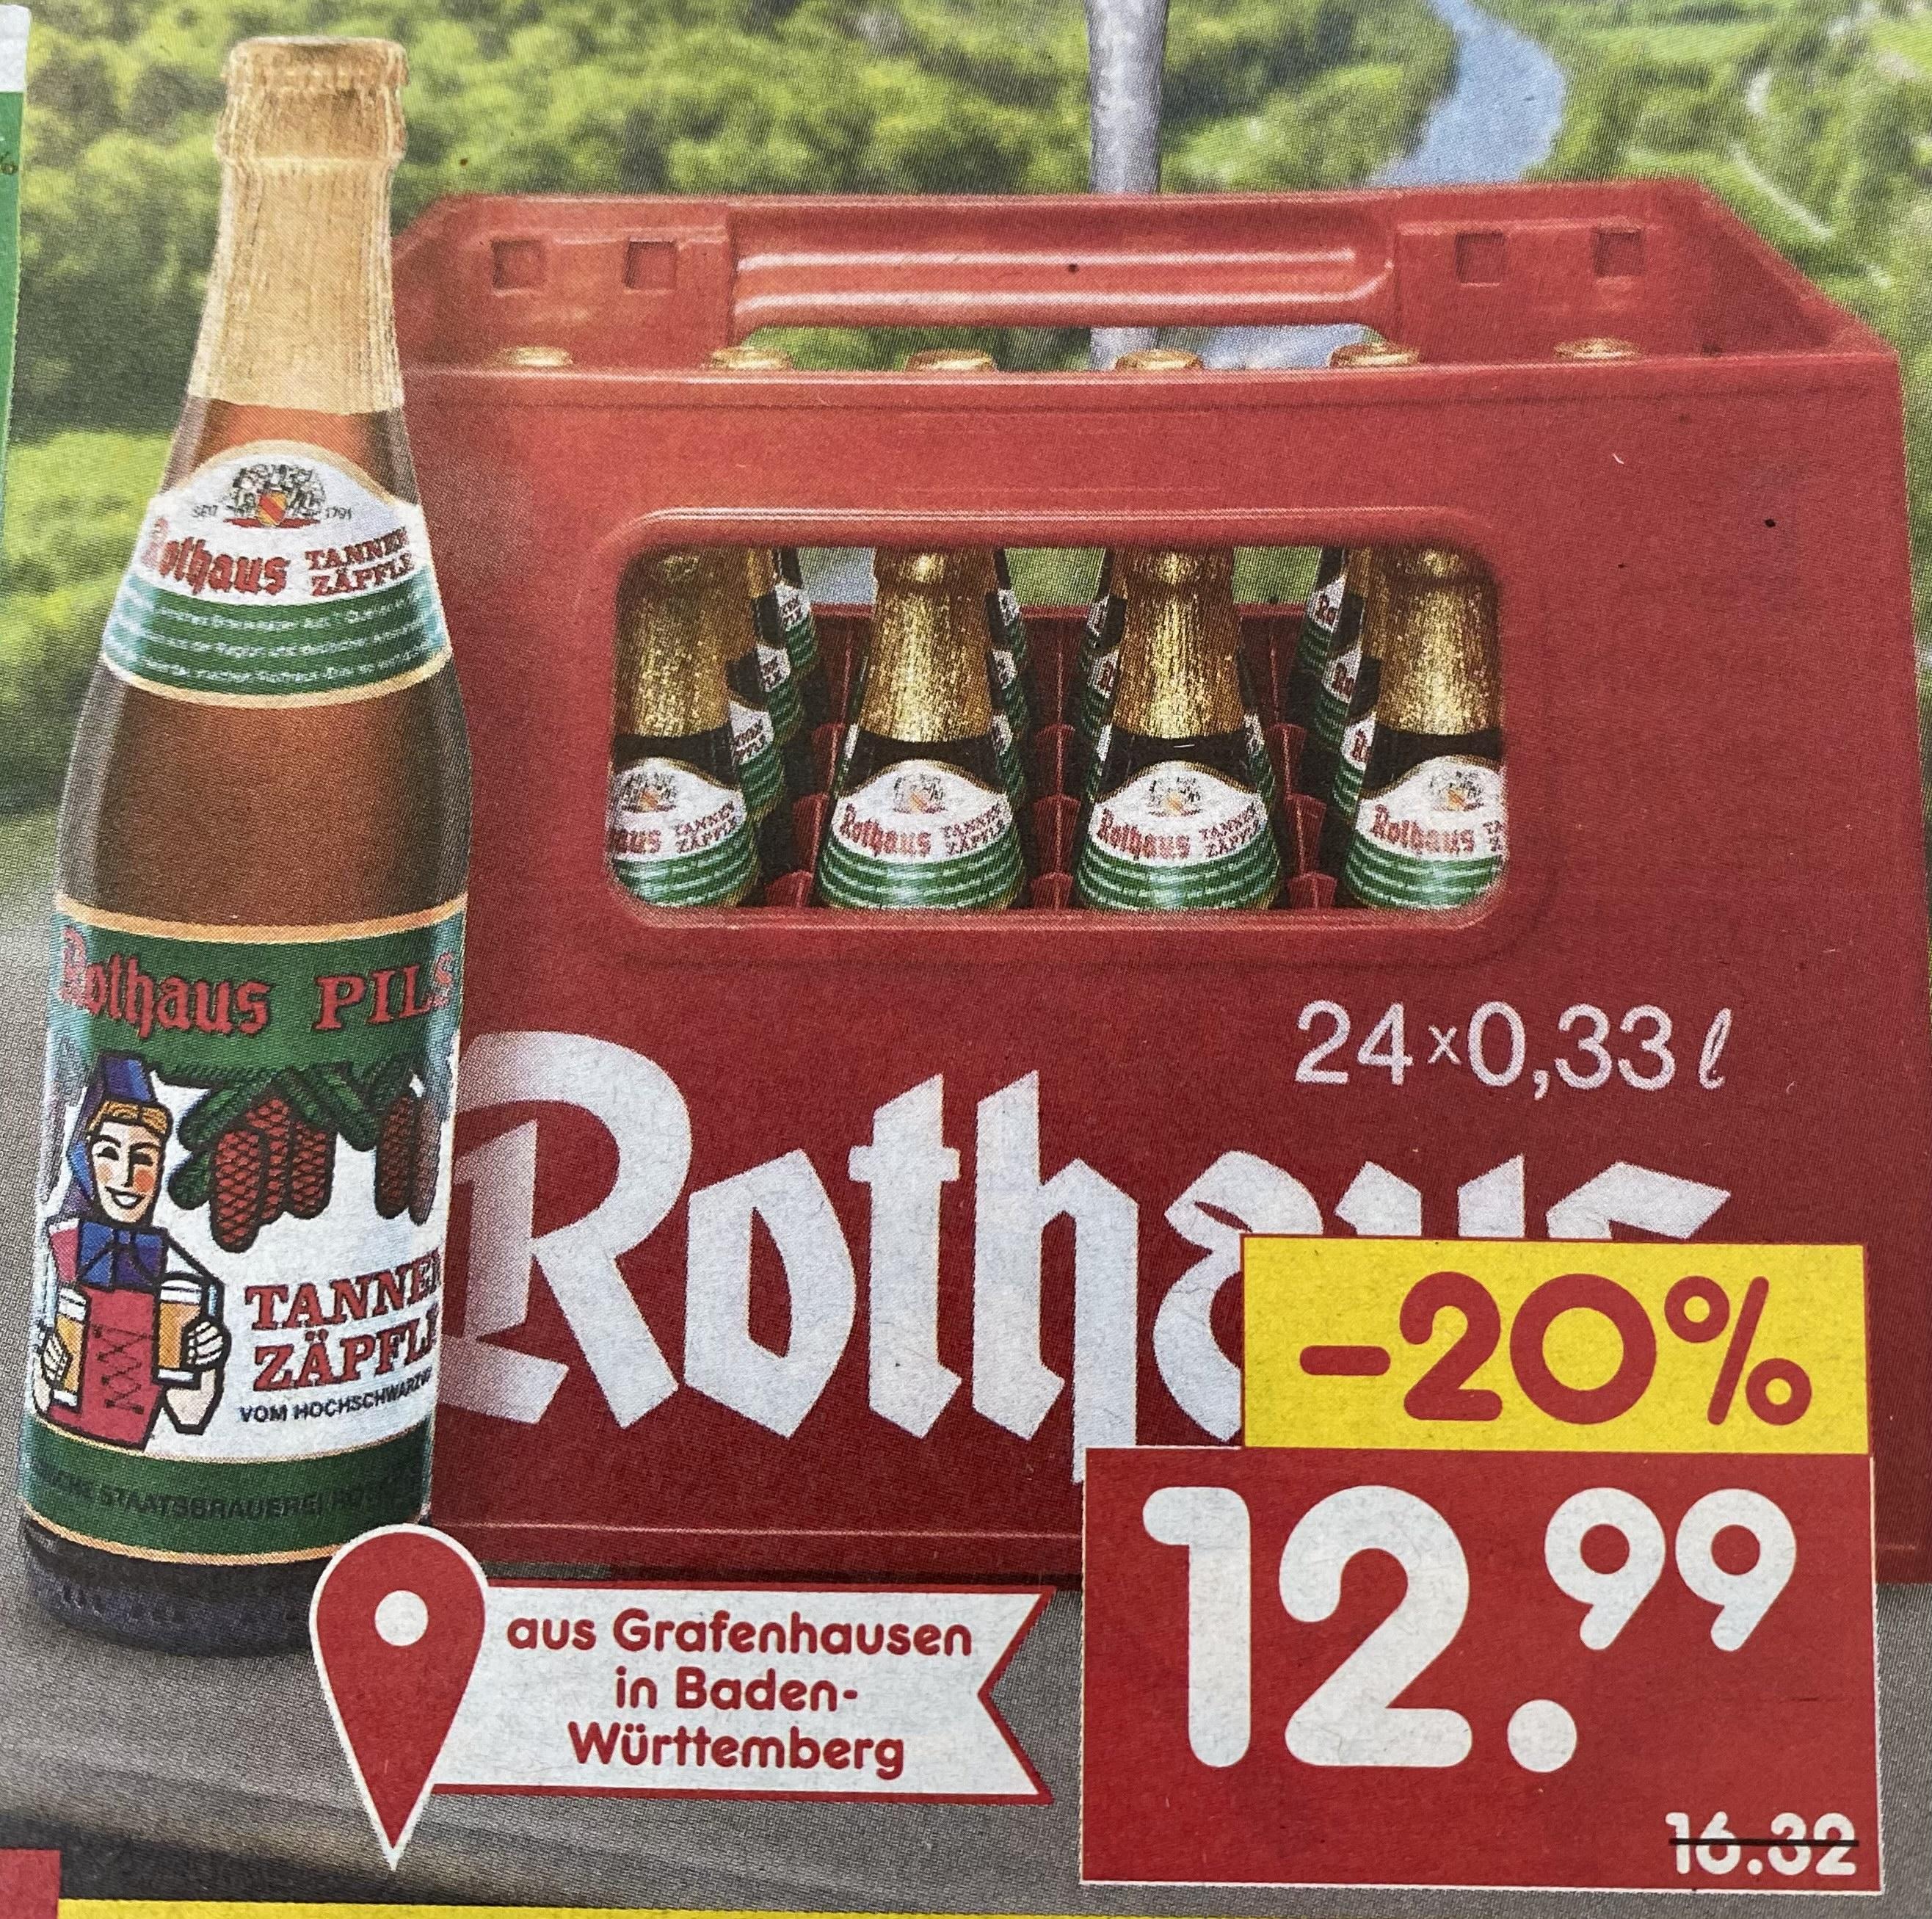 lokal - [Netto] Rothaus Zäpfle